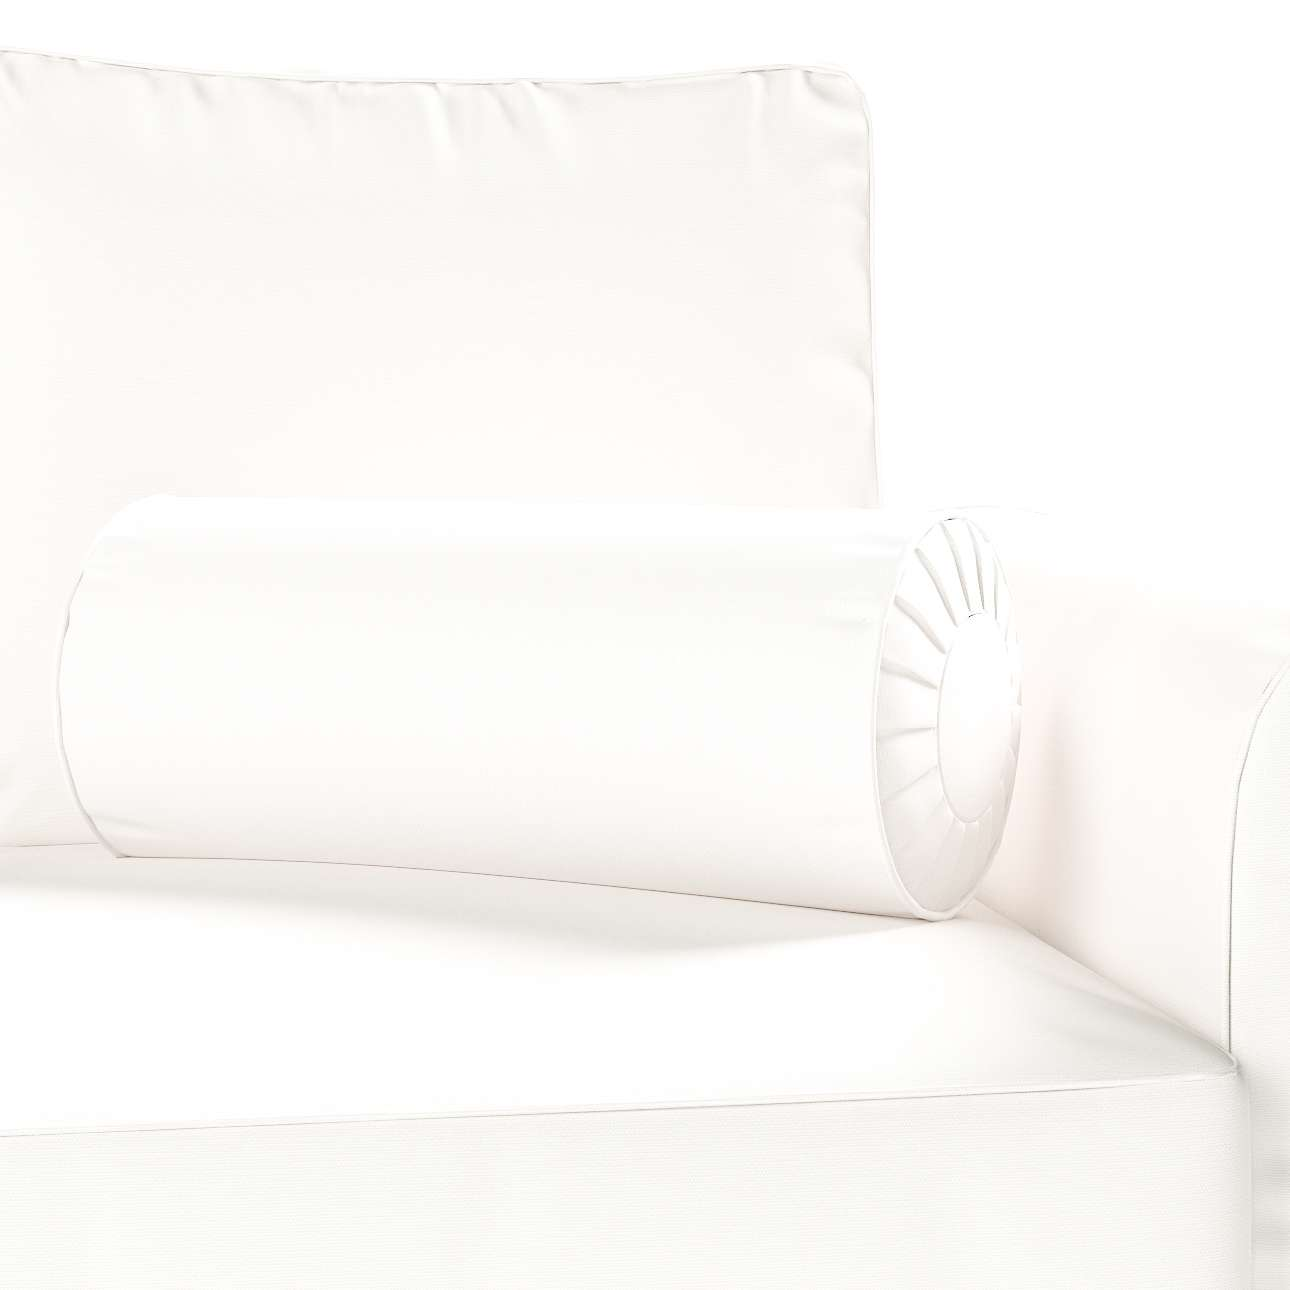 Nackenrolle mit Falten Ø 20 x 50 cm von der Kollektion Cotton Panama, Stoff: 702-34